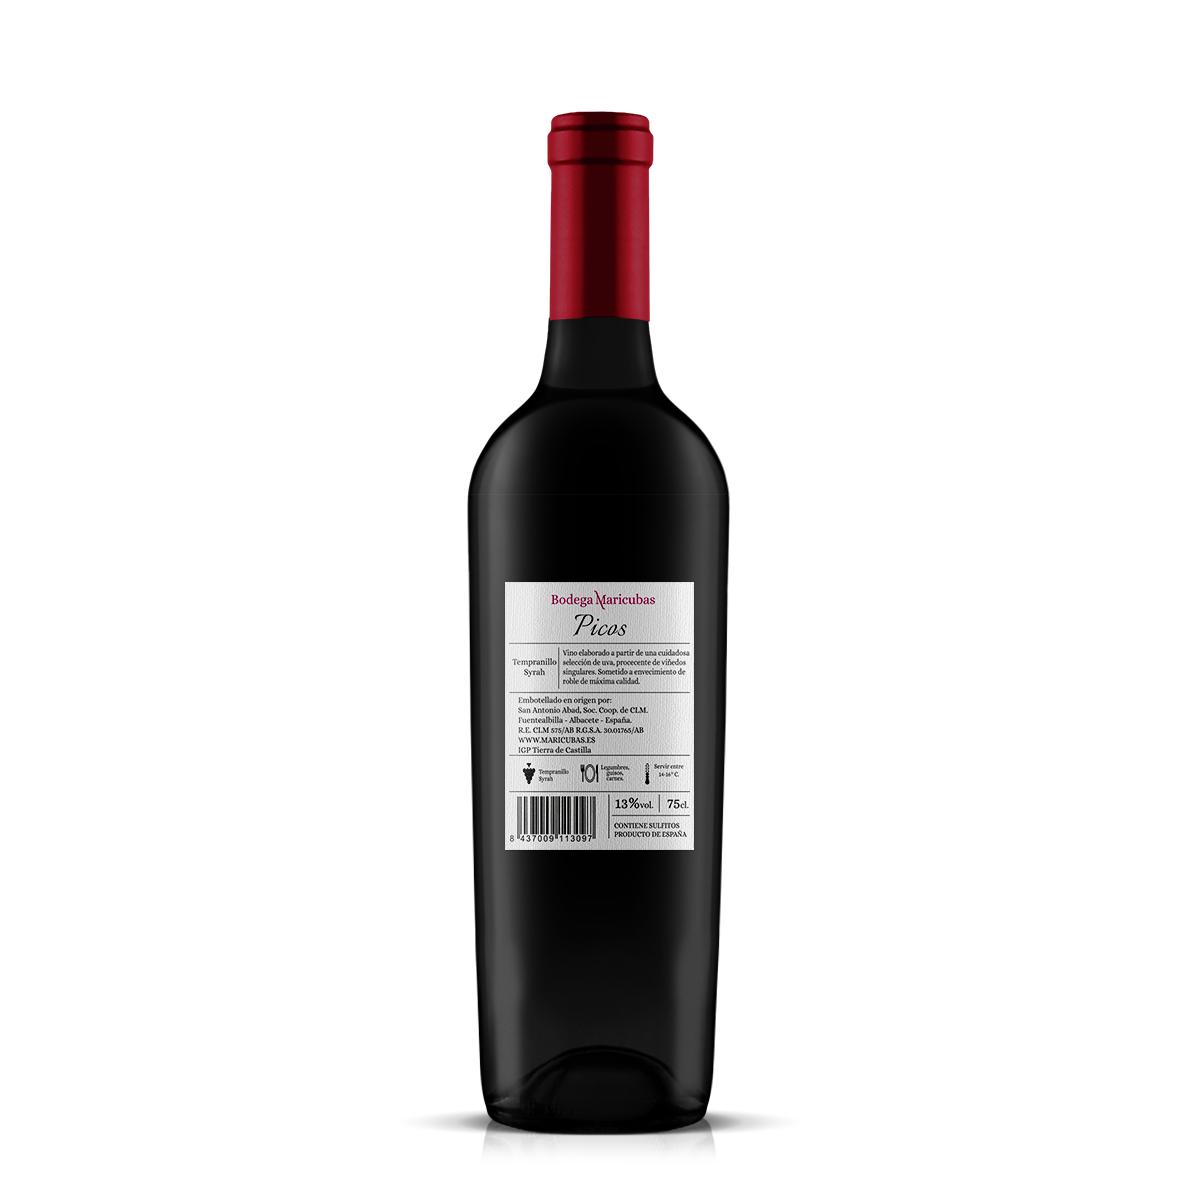 西班牙Picos 橡木桶陈酿12个月 红葡萄酒